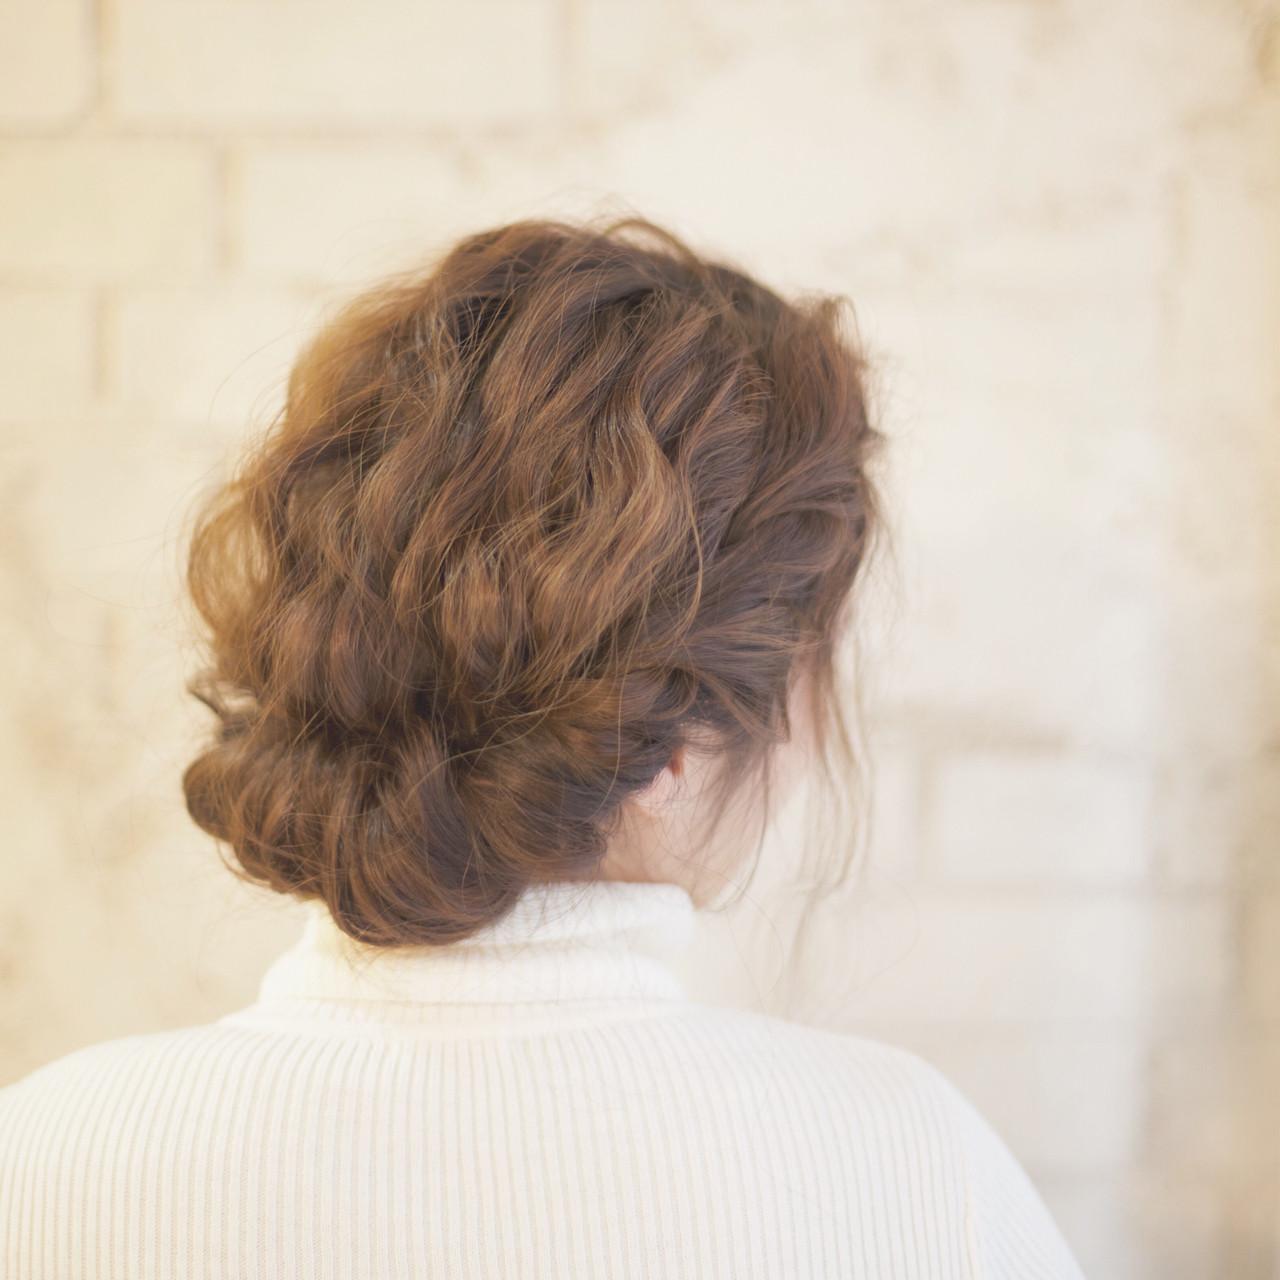 結婚式 ゆるふわ セミロング ヘアアレンジ ヘアスタイルや髪型の写真・画像 | 谷本将太 nalu hair / nalu hair  (ナルーヘアー)